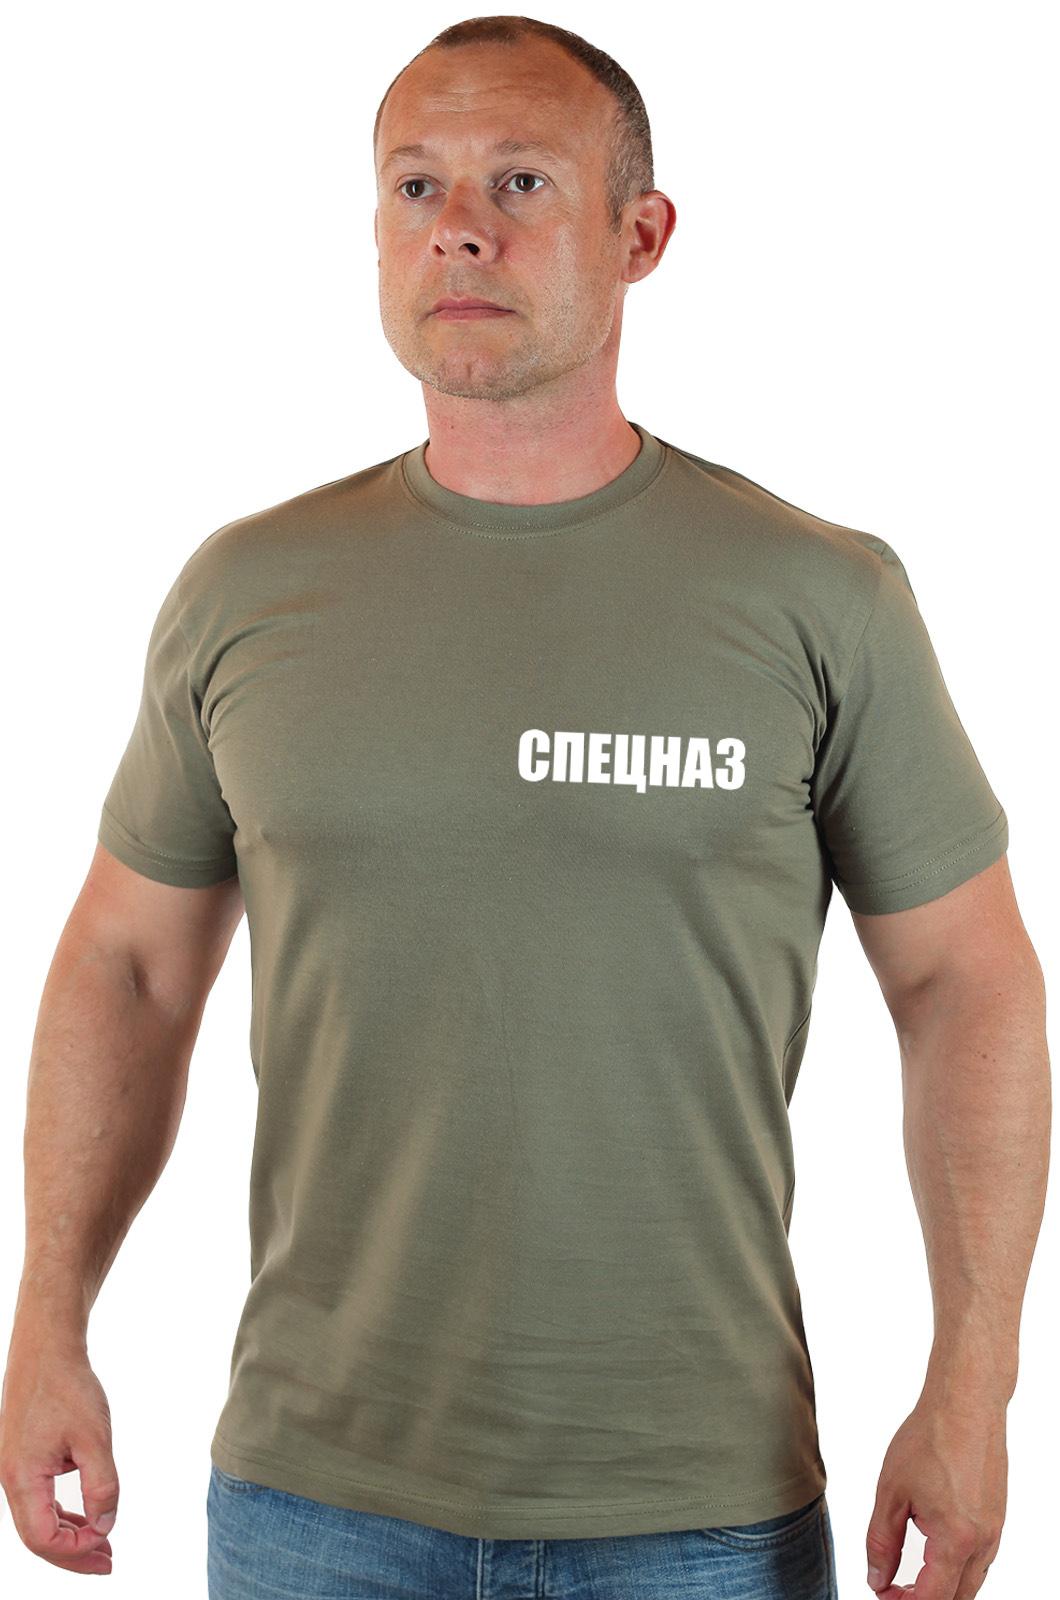 Купить крутую мужскую футболку Спецназ с доставкой в ваш  город